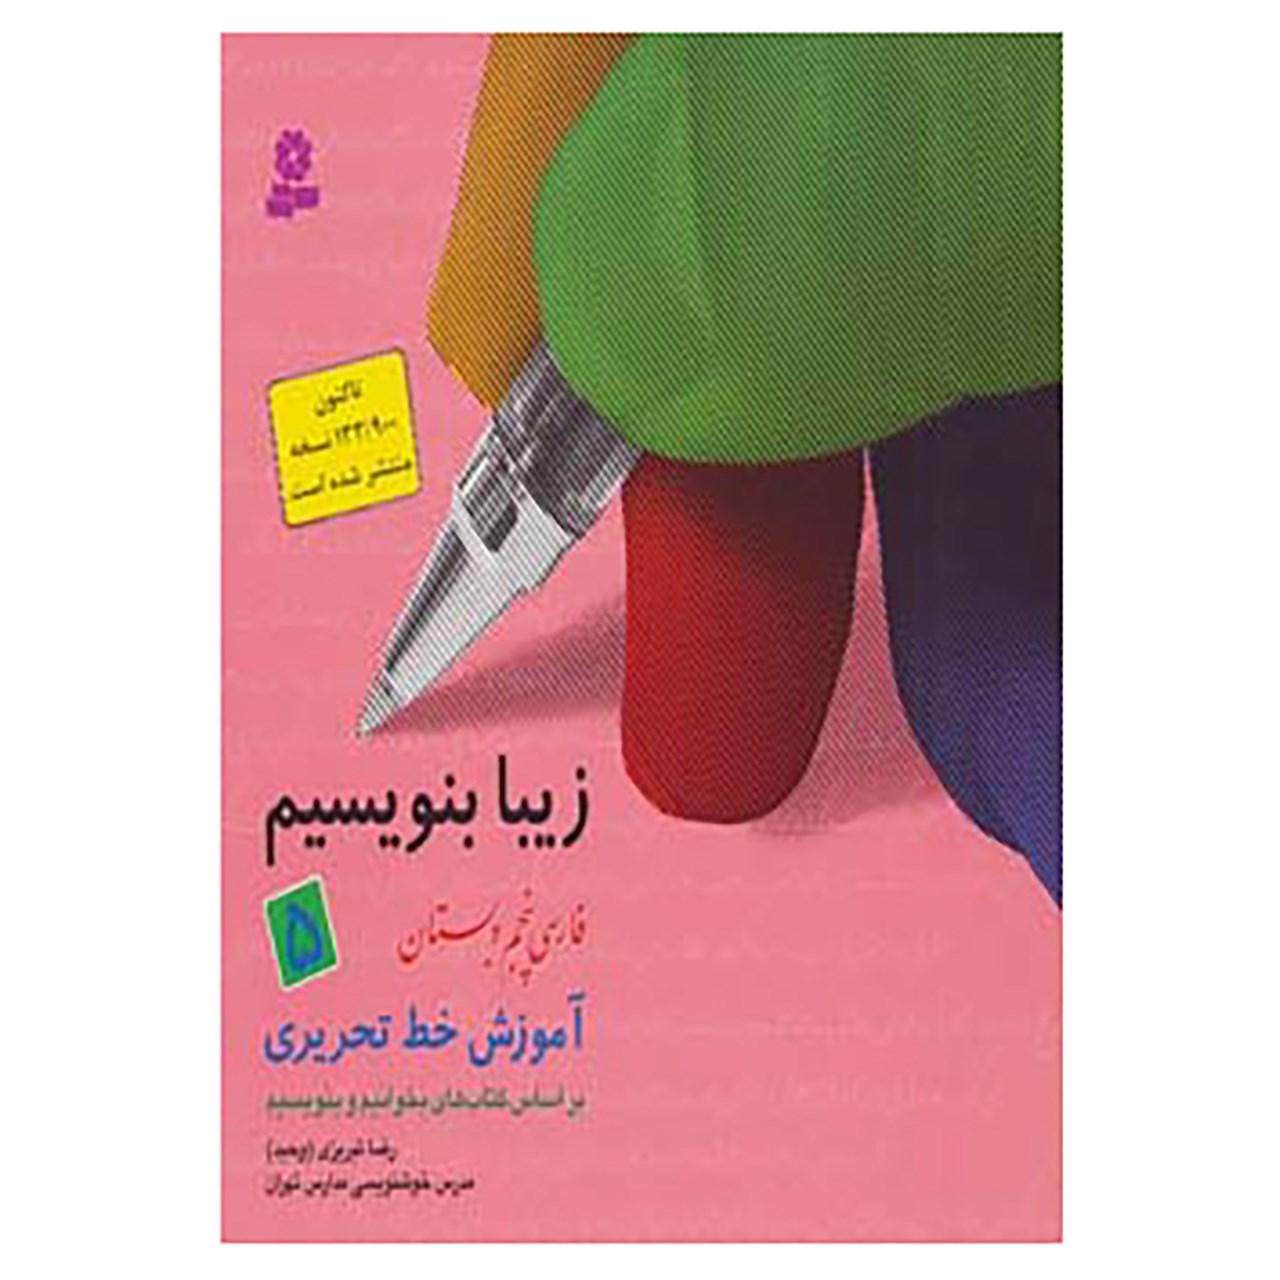 خرید                      کتاب زیبا بنویسیم 5 اثر رضا تبریزی